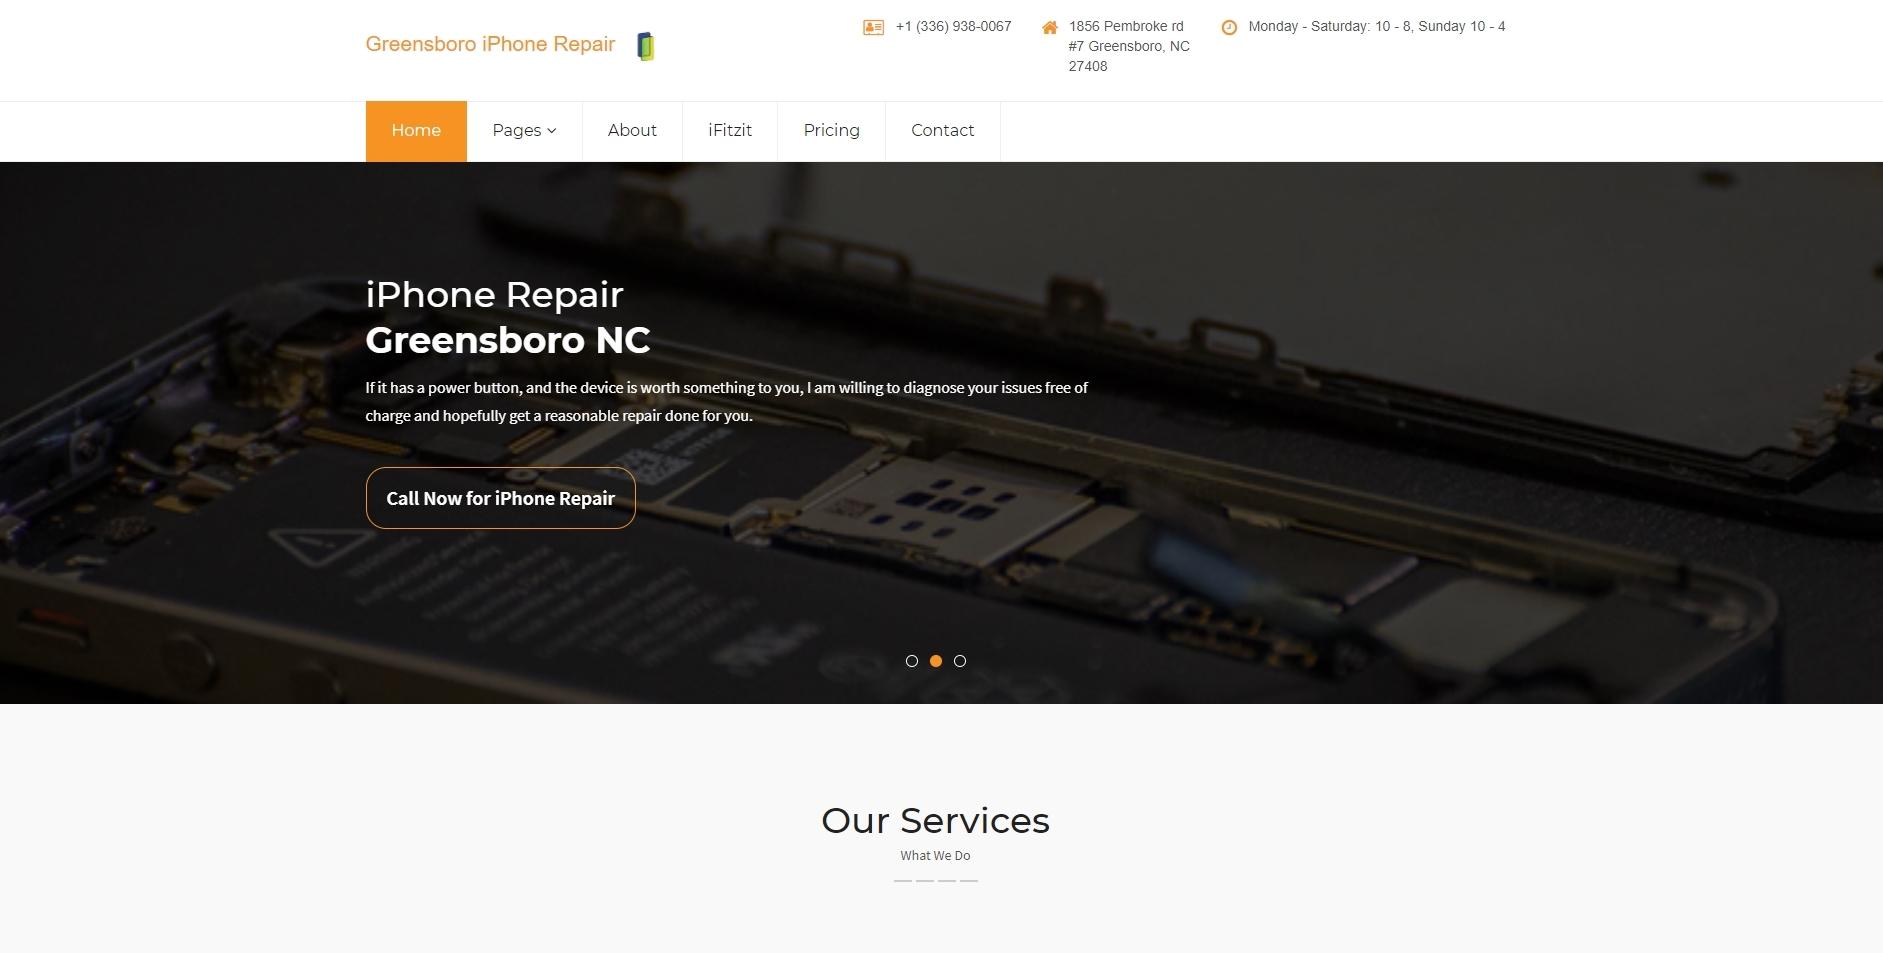 Greensboro iPhone Repair